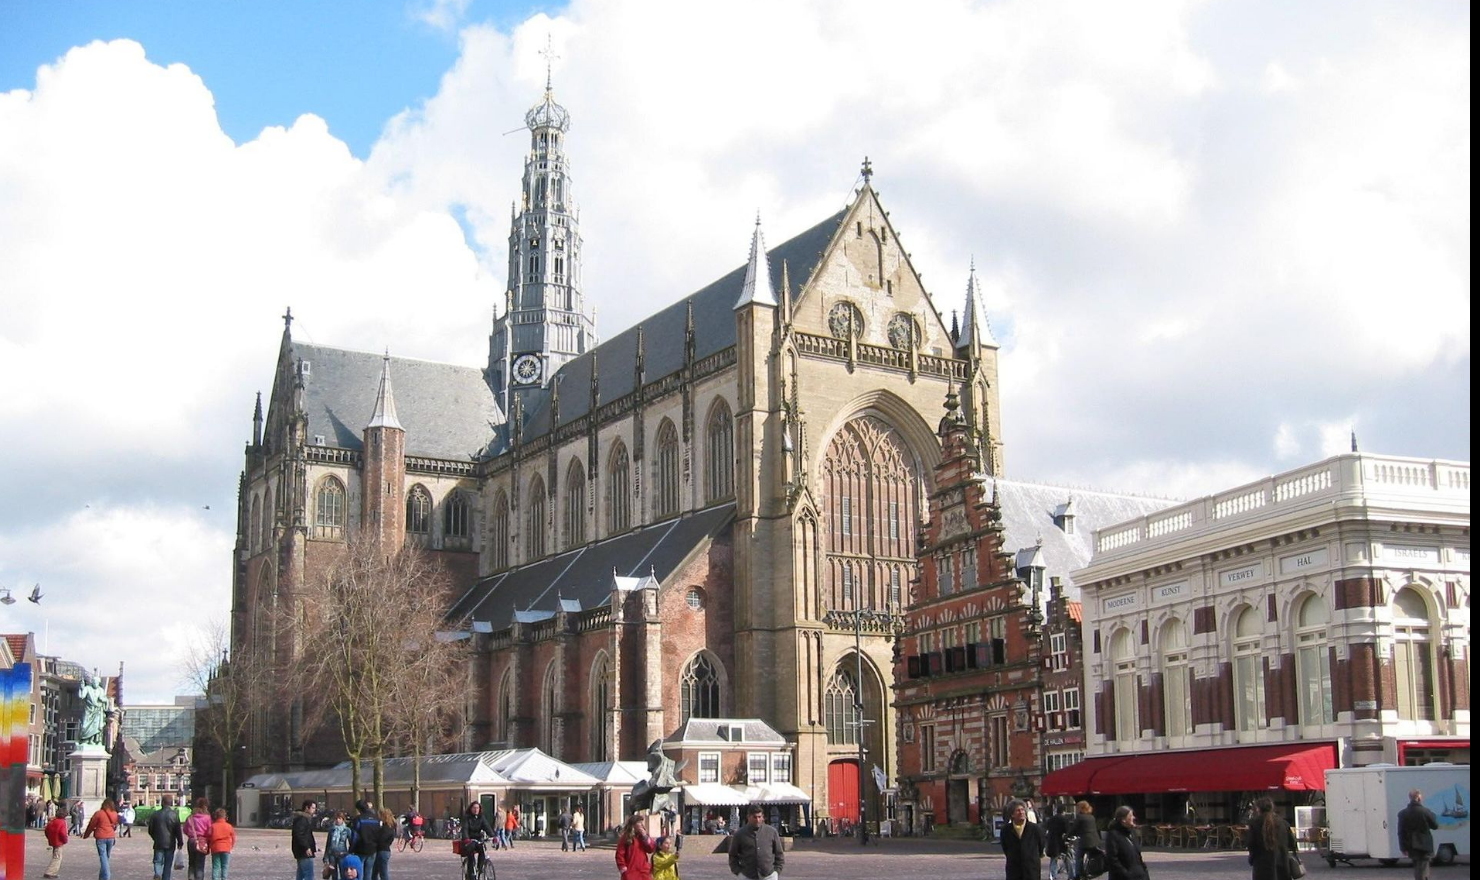 The Grote Kerk or St.-Bavokerk in Haarlem